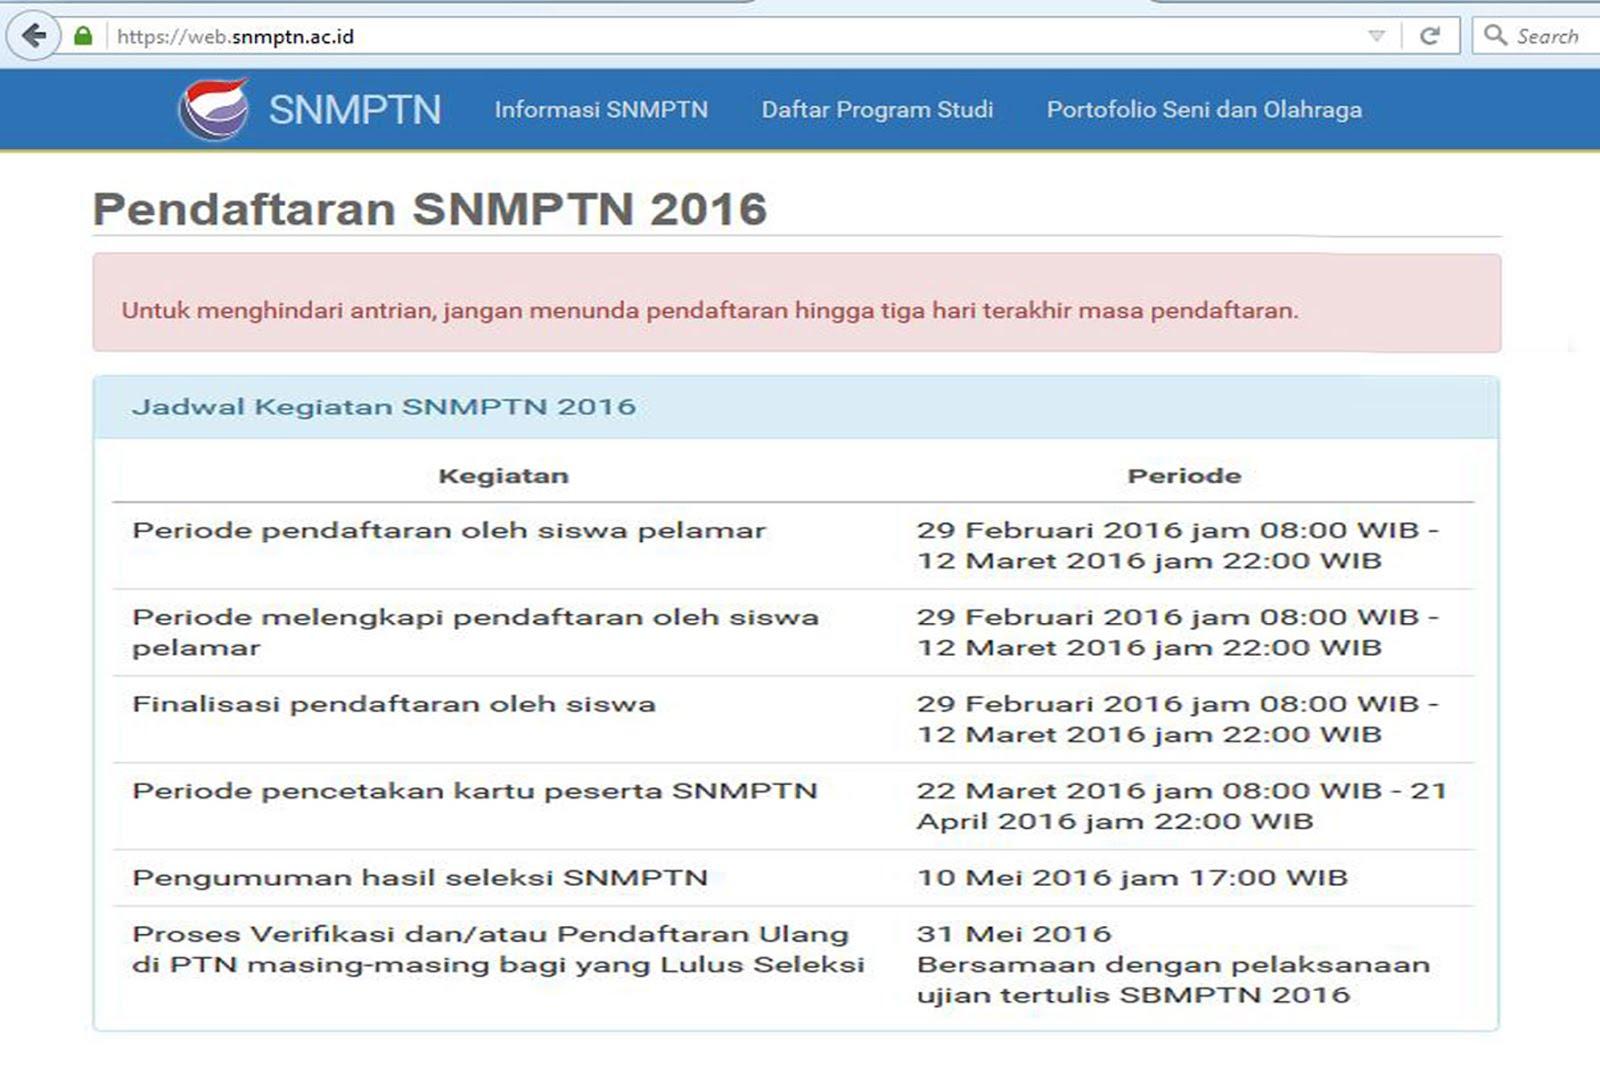 PENDAFTARAN SNMPTN 2016